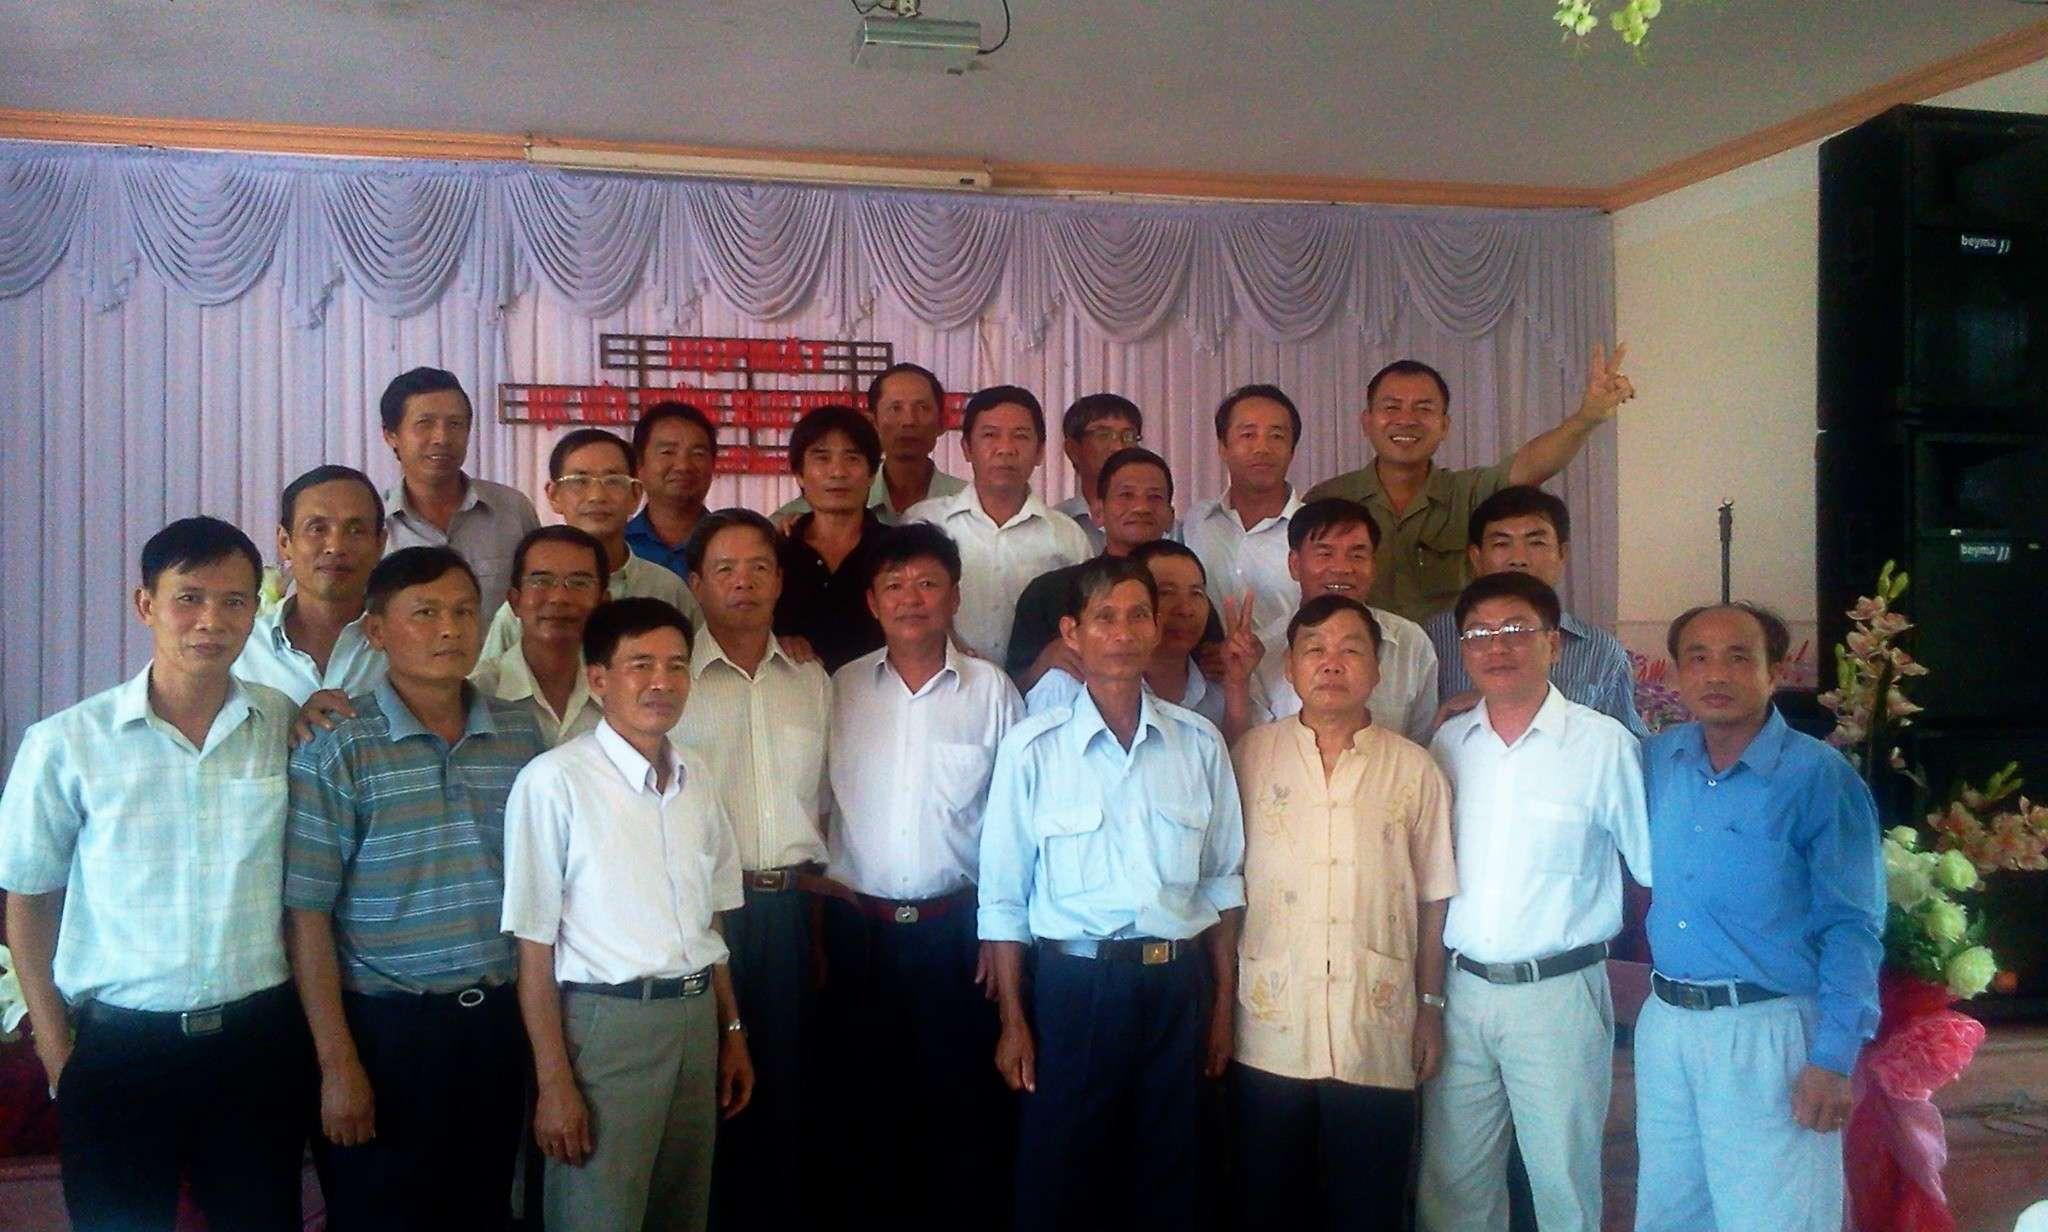 Hình ảnh cựu HV khóa 7 họp mặt kỷ niệm 25 năm tốt nghiệp SQLQ2 2012-035